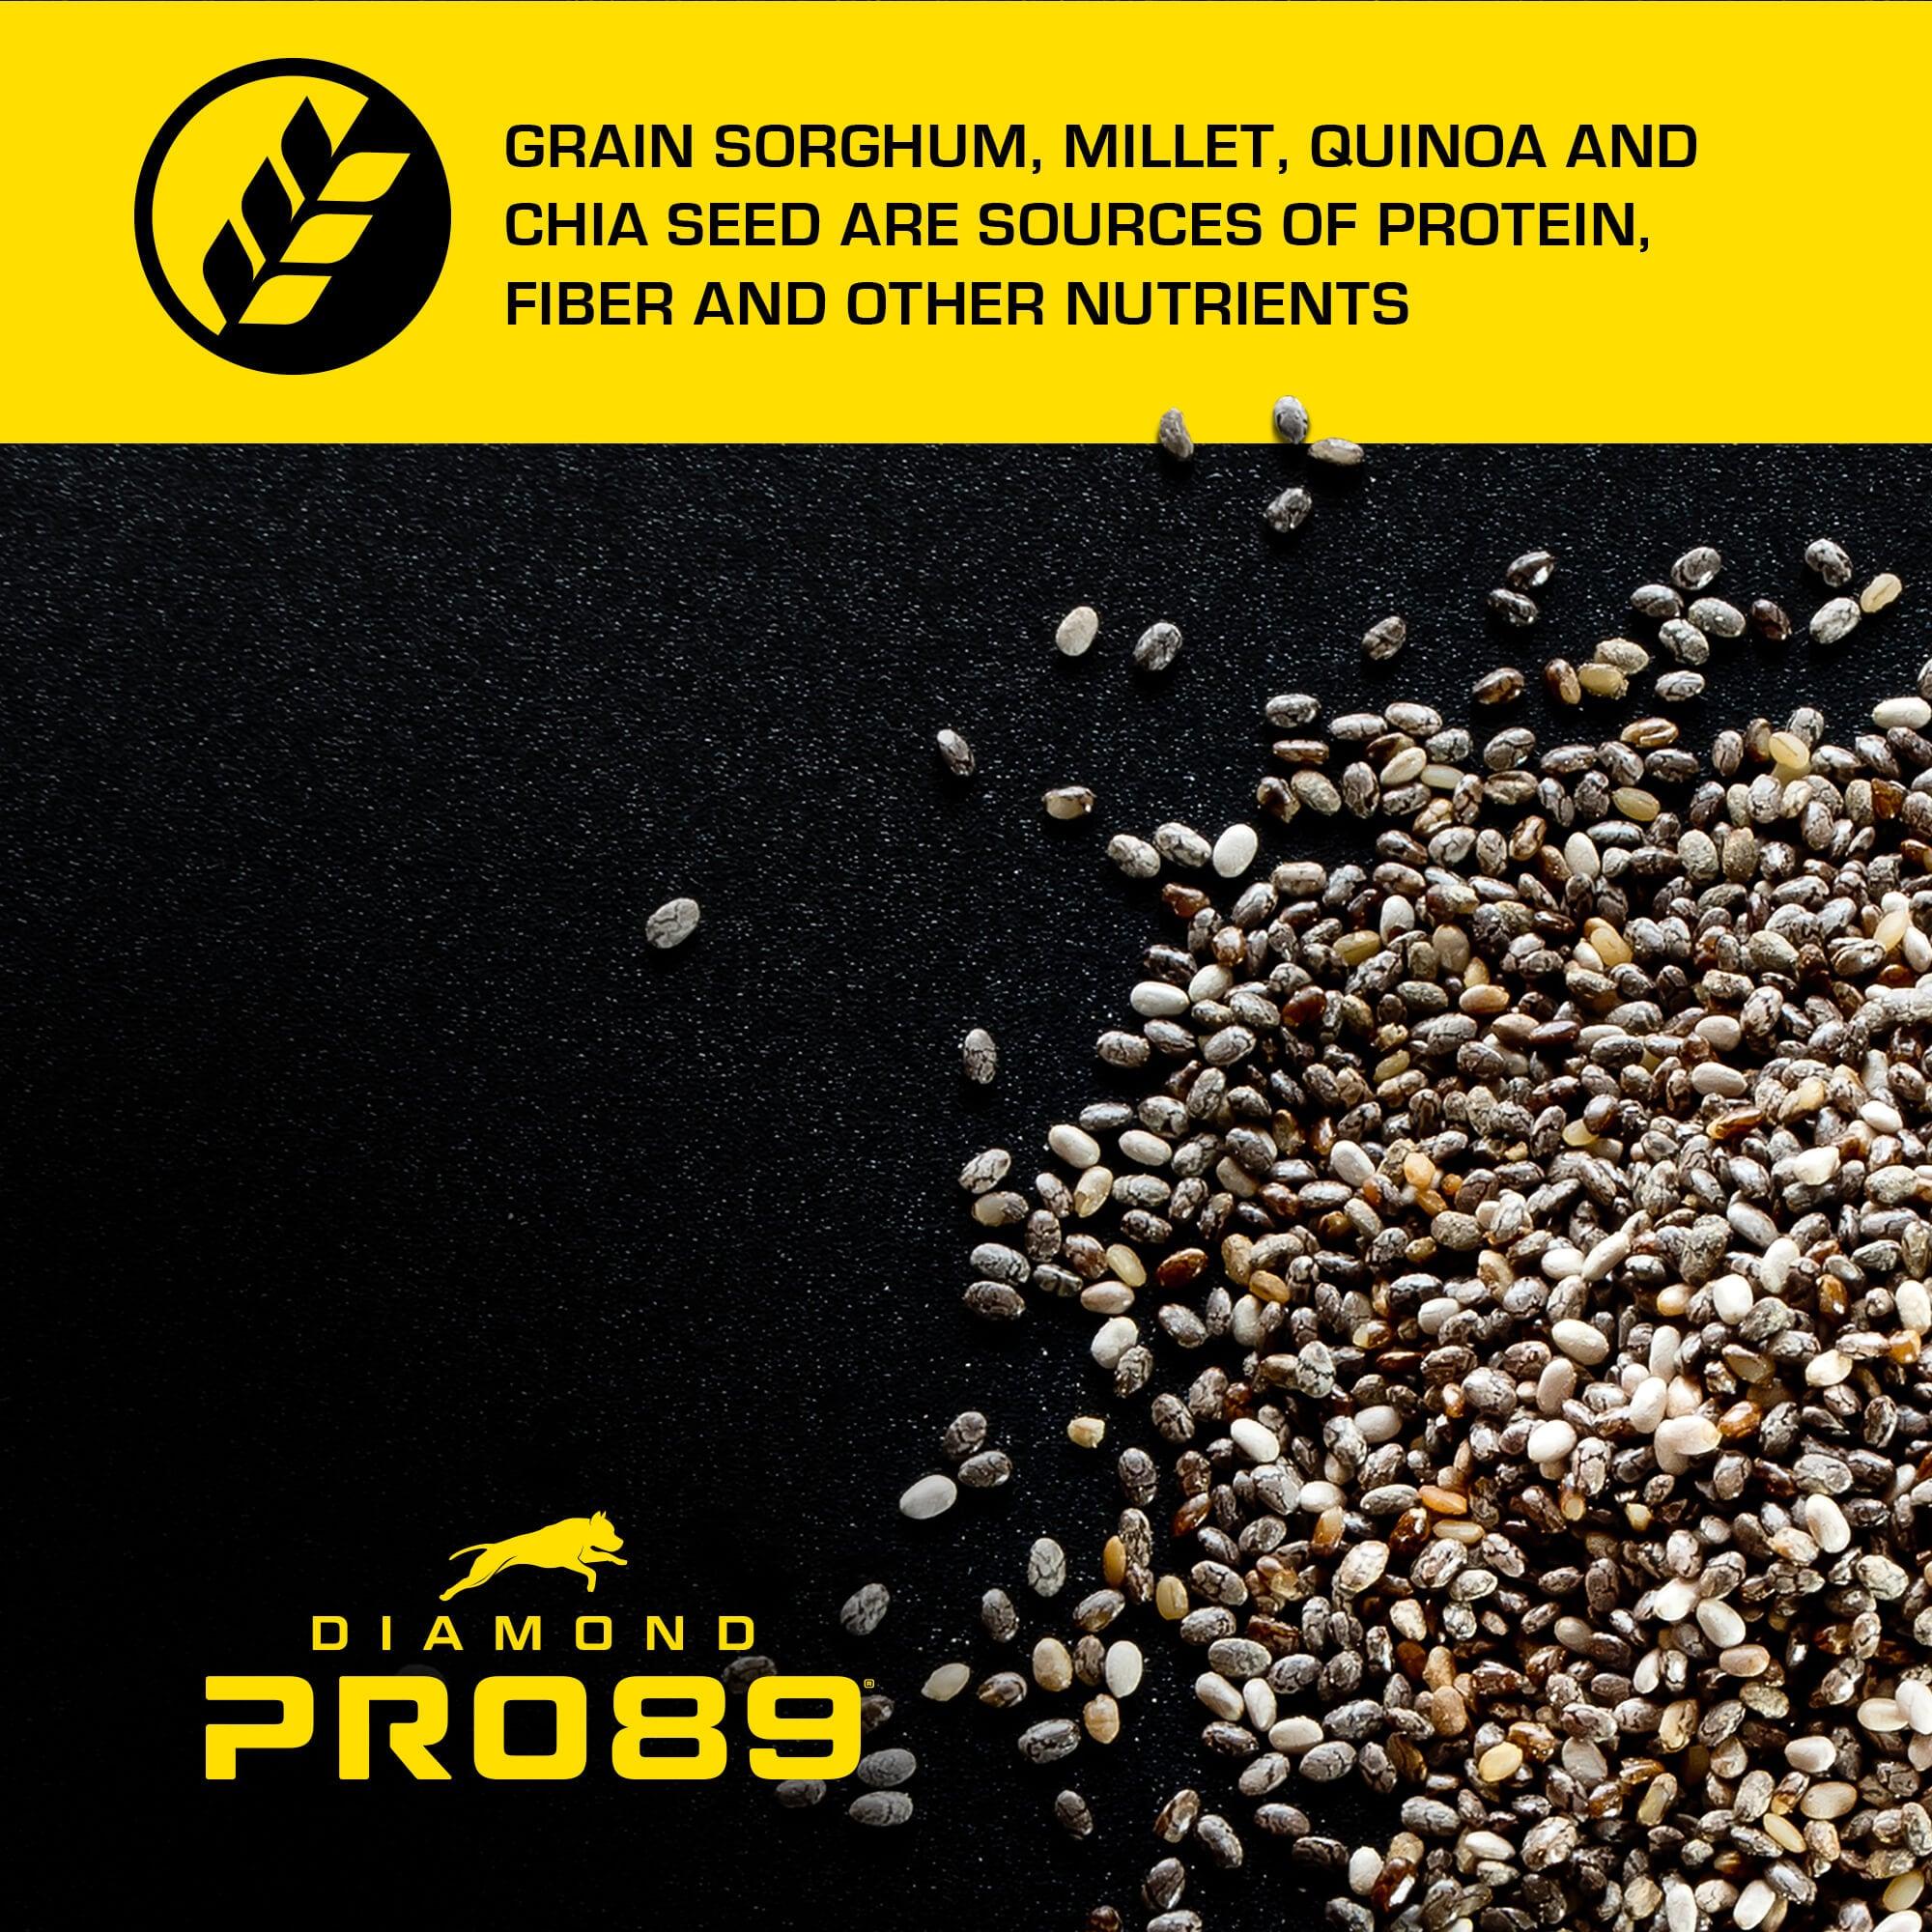 Diamond Pro89 Ancient Grains